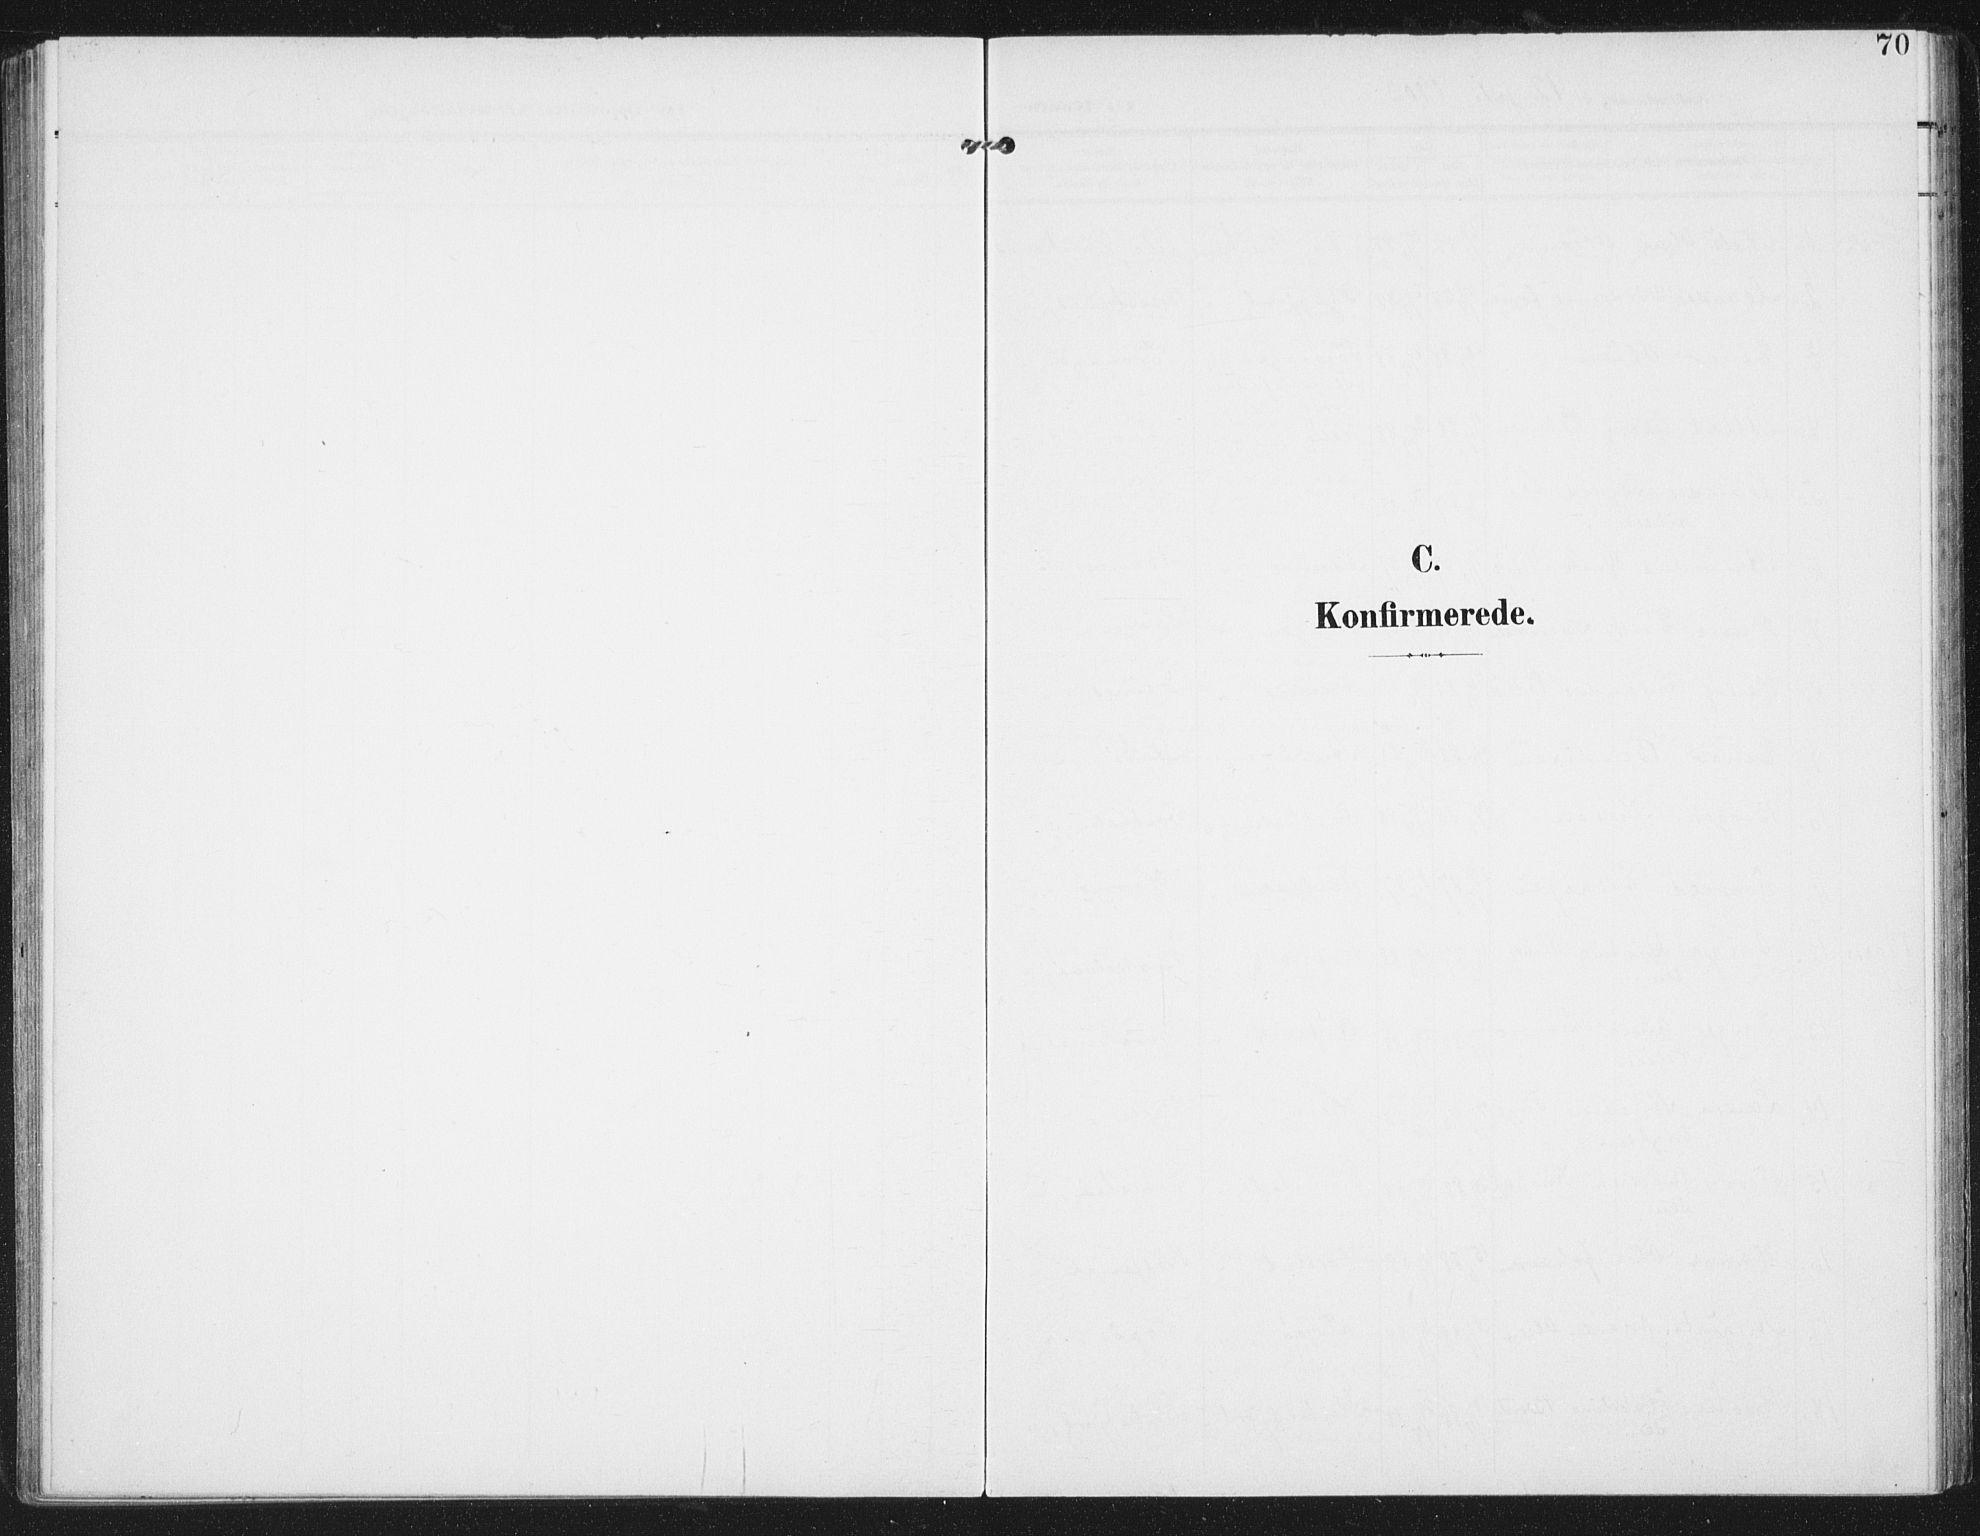 SAT, Ministerialprotokoller, klokkerbøker og fødselsregistre - Nordland, 886/L1221: Parish register (official) no. 886A03, 1903-1913, p. 70